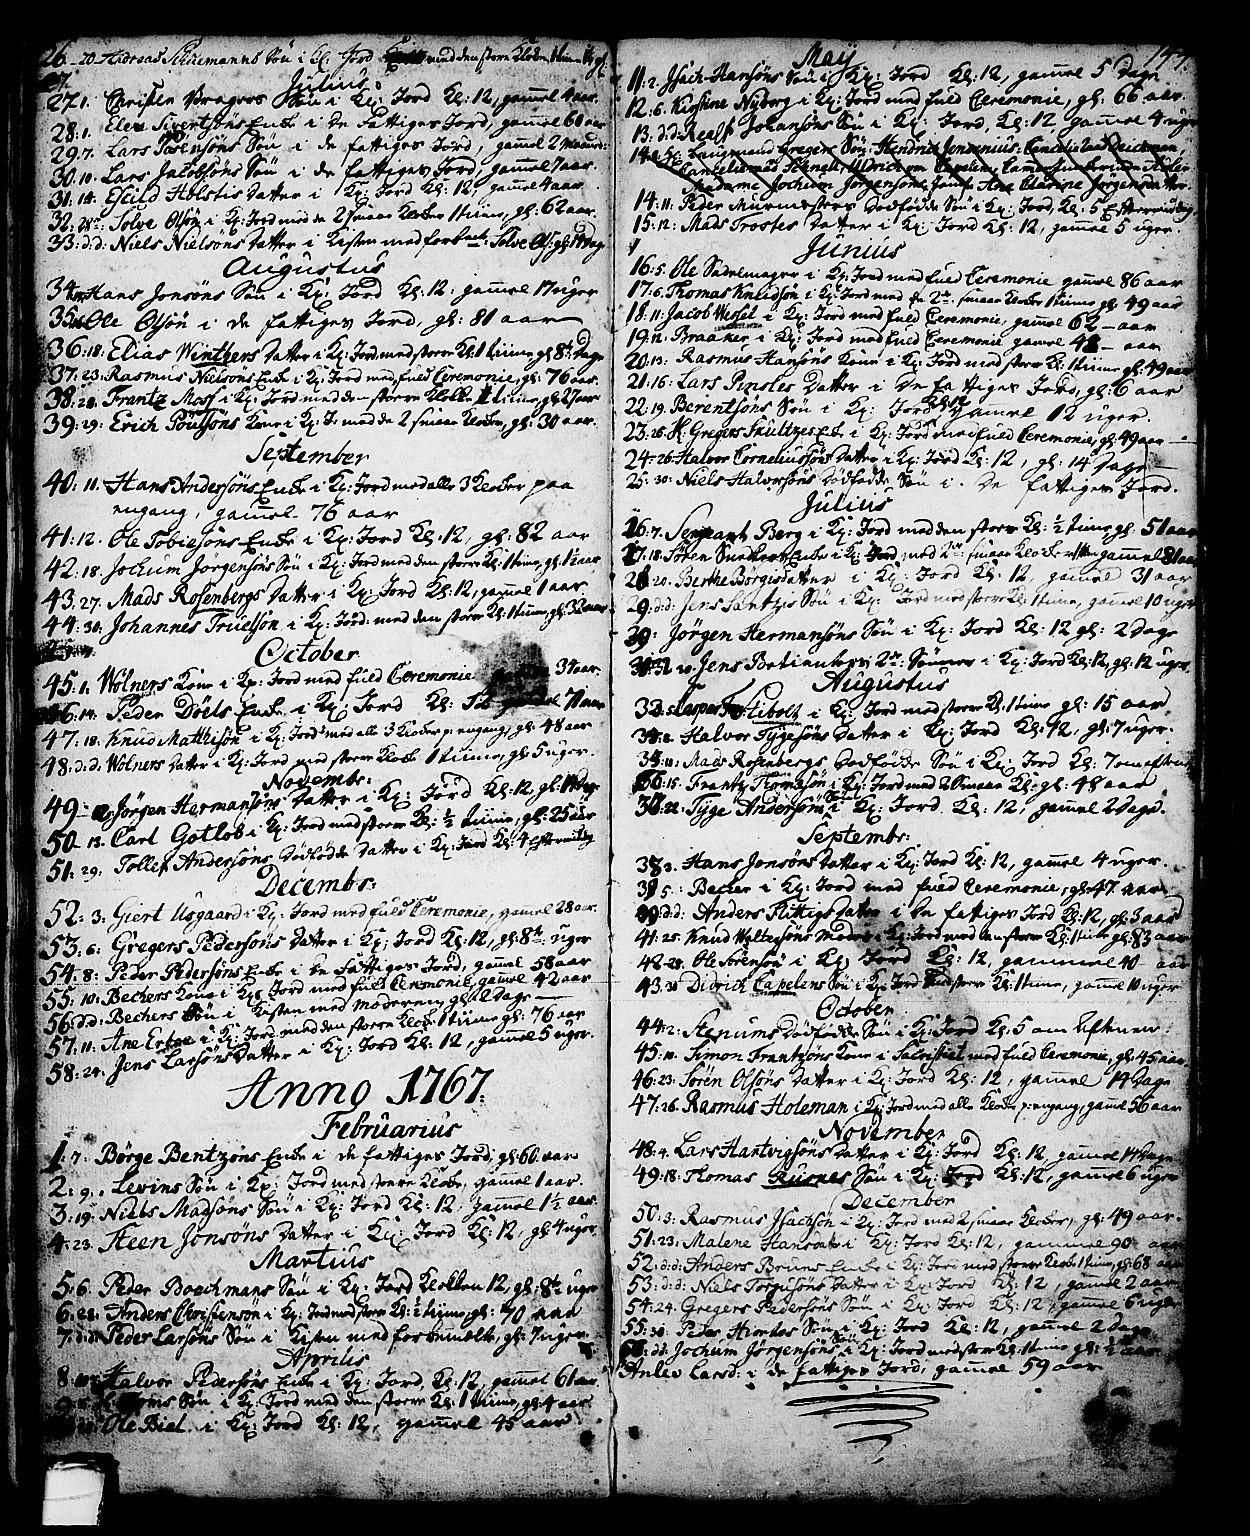 SAKO, Skien kirkebøker, G/Ga/L0001: Klokkerbok nr. 1, 1756-1791, s. 144